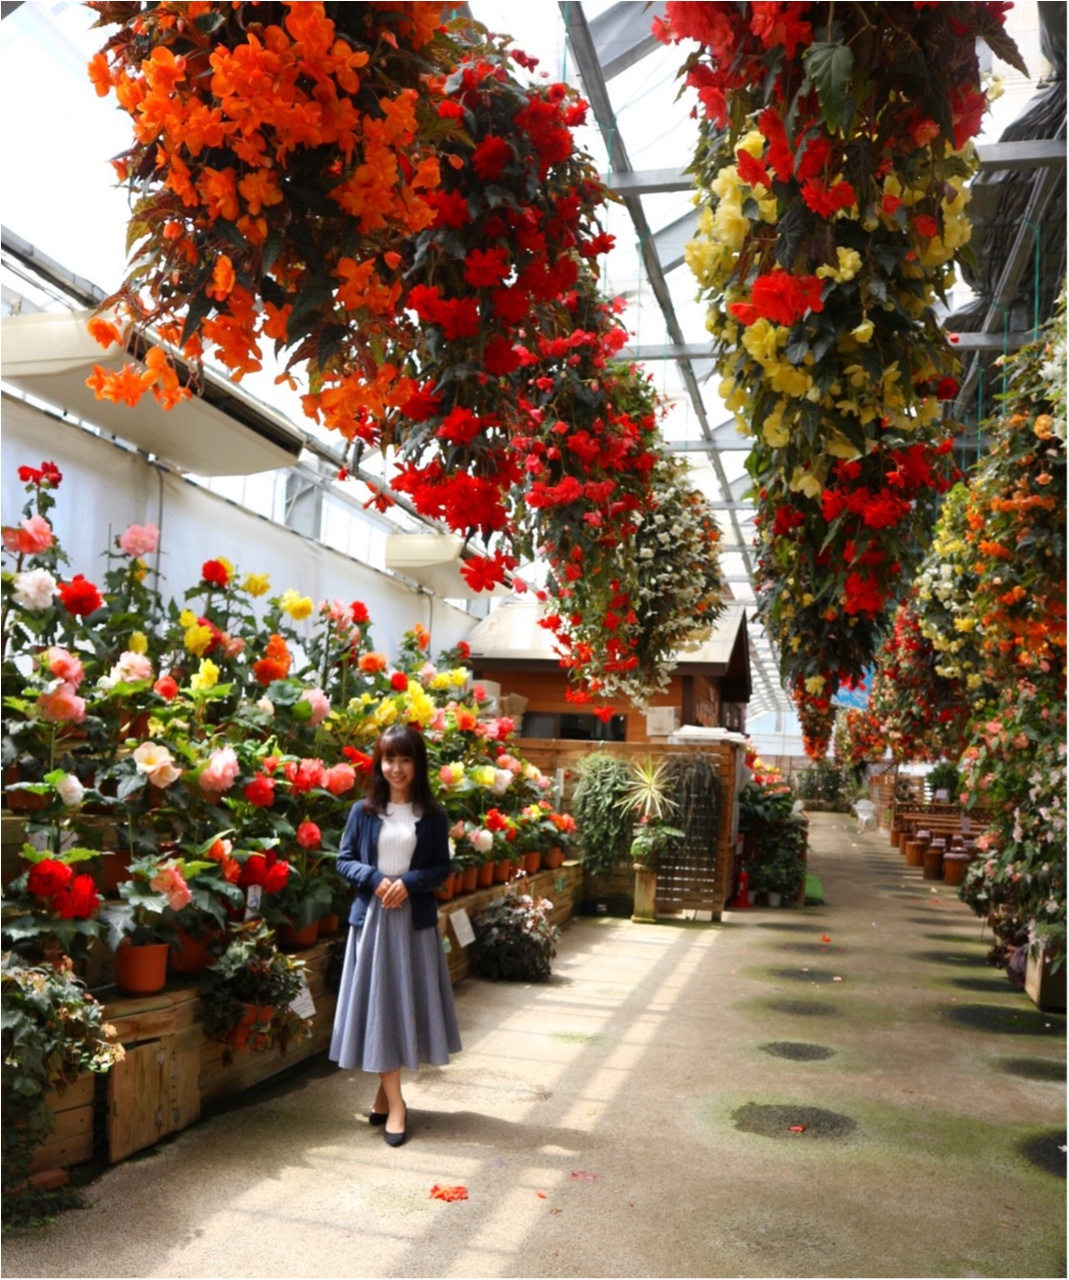 【栃木県】ベコニアが綺麗な花いちもんめ♡絶対 女子が喜ぶ場所!_5